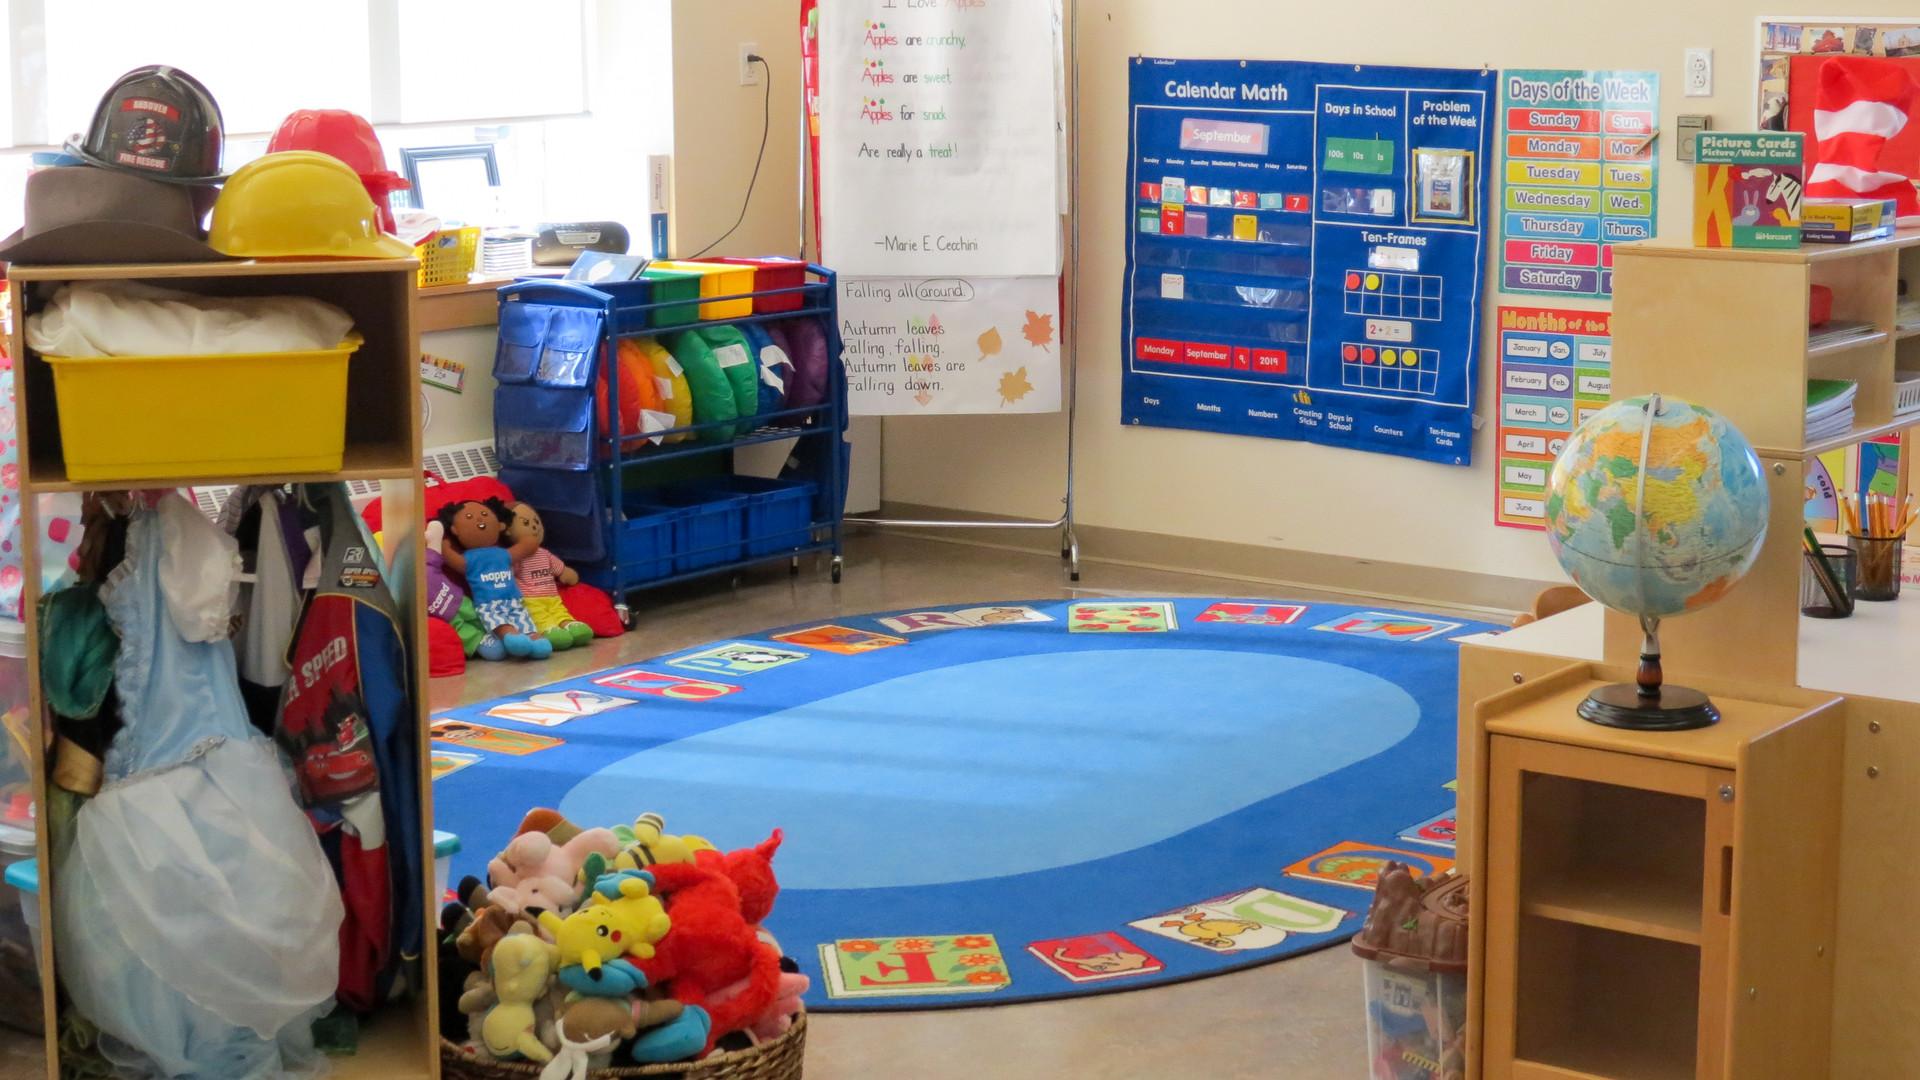 KindergartenRoom_2.jpg